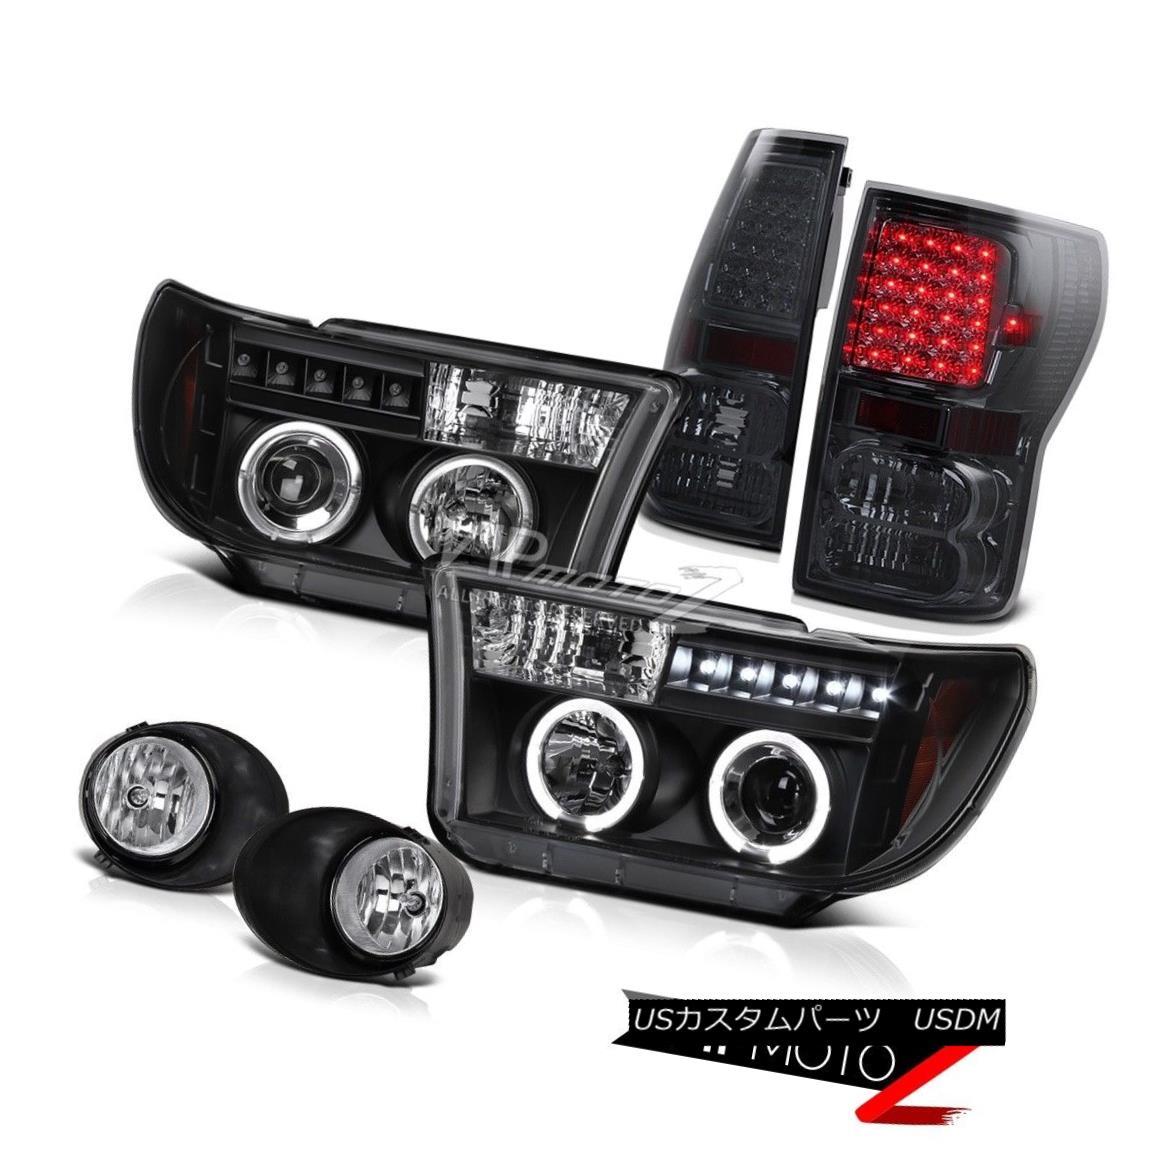 ヘッドライト Toyota Tundra 07-13 Black Halo Projector Headlight+Led Tail Light+Fog Lamp トヨタトンドラ07-13ブラックハロープロジェクターヘッドライト+テールライト+フォグランプ